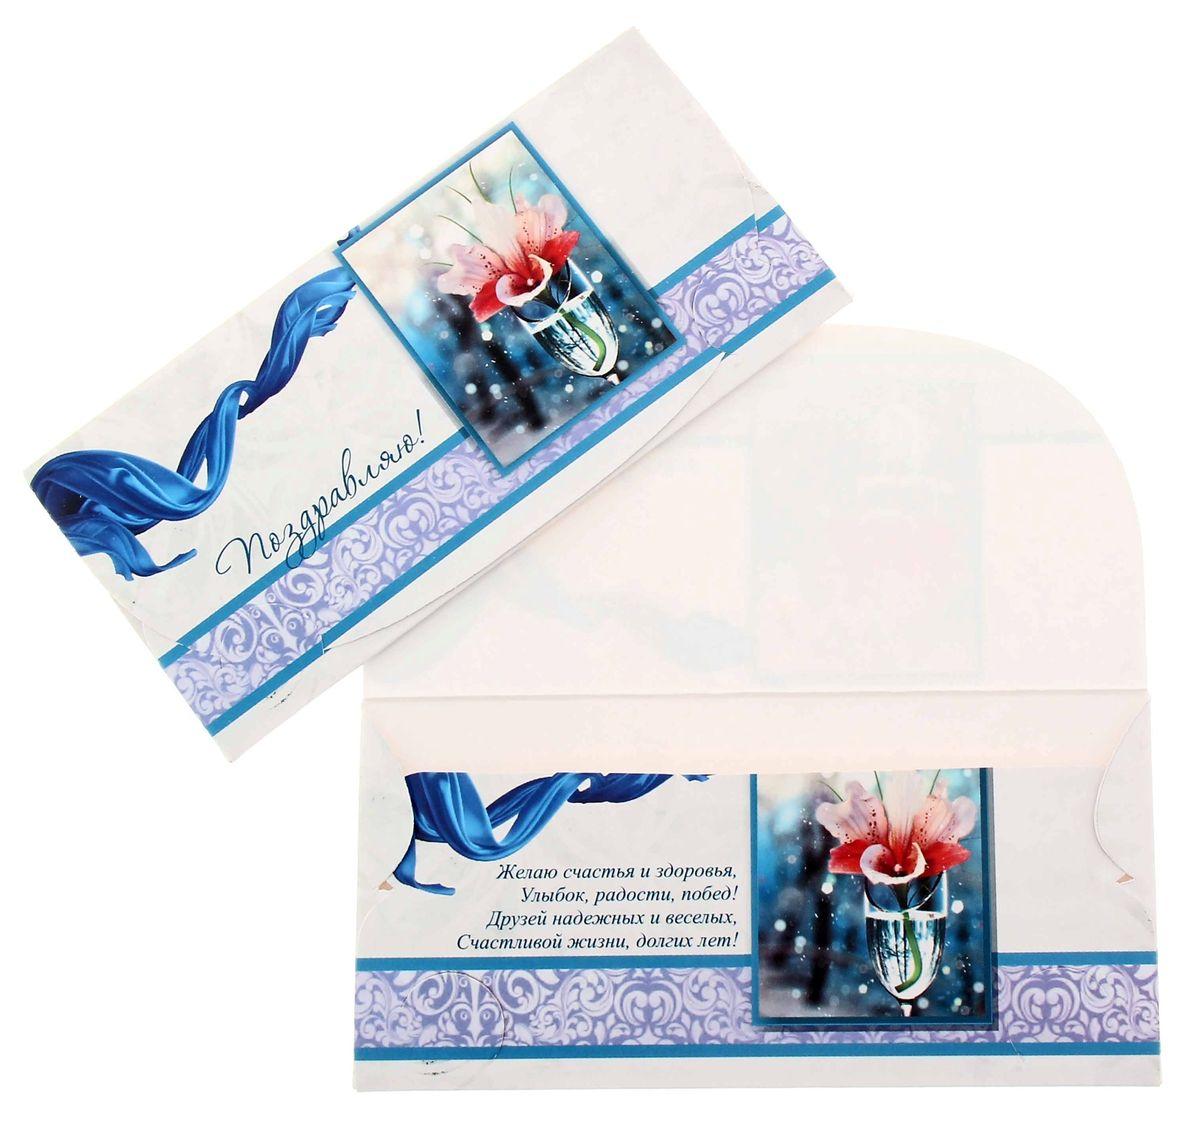 Конверт для денег Поздравляю!. 191177191177Конверт для денег Поздравляю! выполнен из плотного картона и украшен яркой картинкой, соответствующей событию, для которого предназначен. Это необычная красивая одежка для денежного подарка, а так же отличная возможность сделать его более праздничным и создать прекрасное настроение!Конверт Поздравляю! - идеальное решение, если вы хотите подарить деньги.